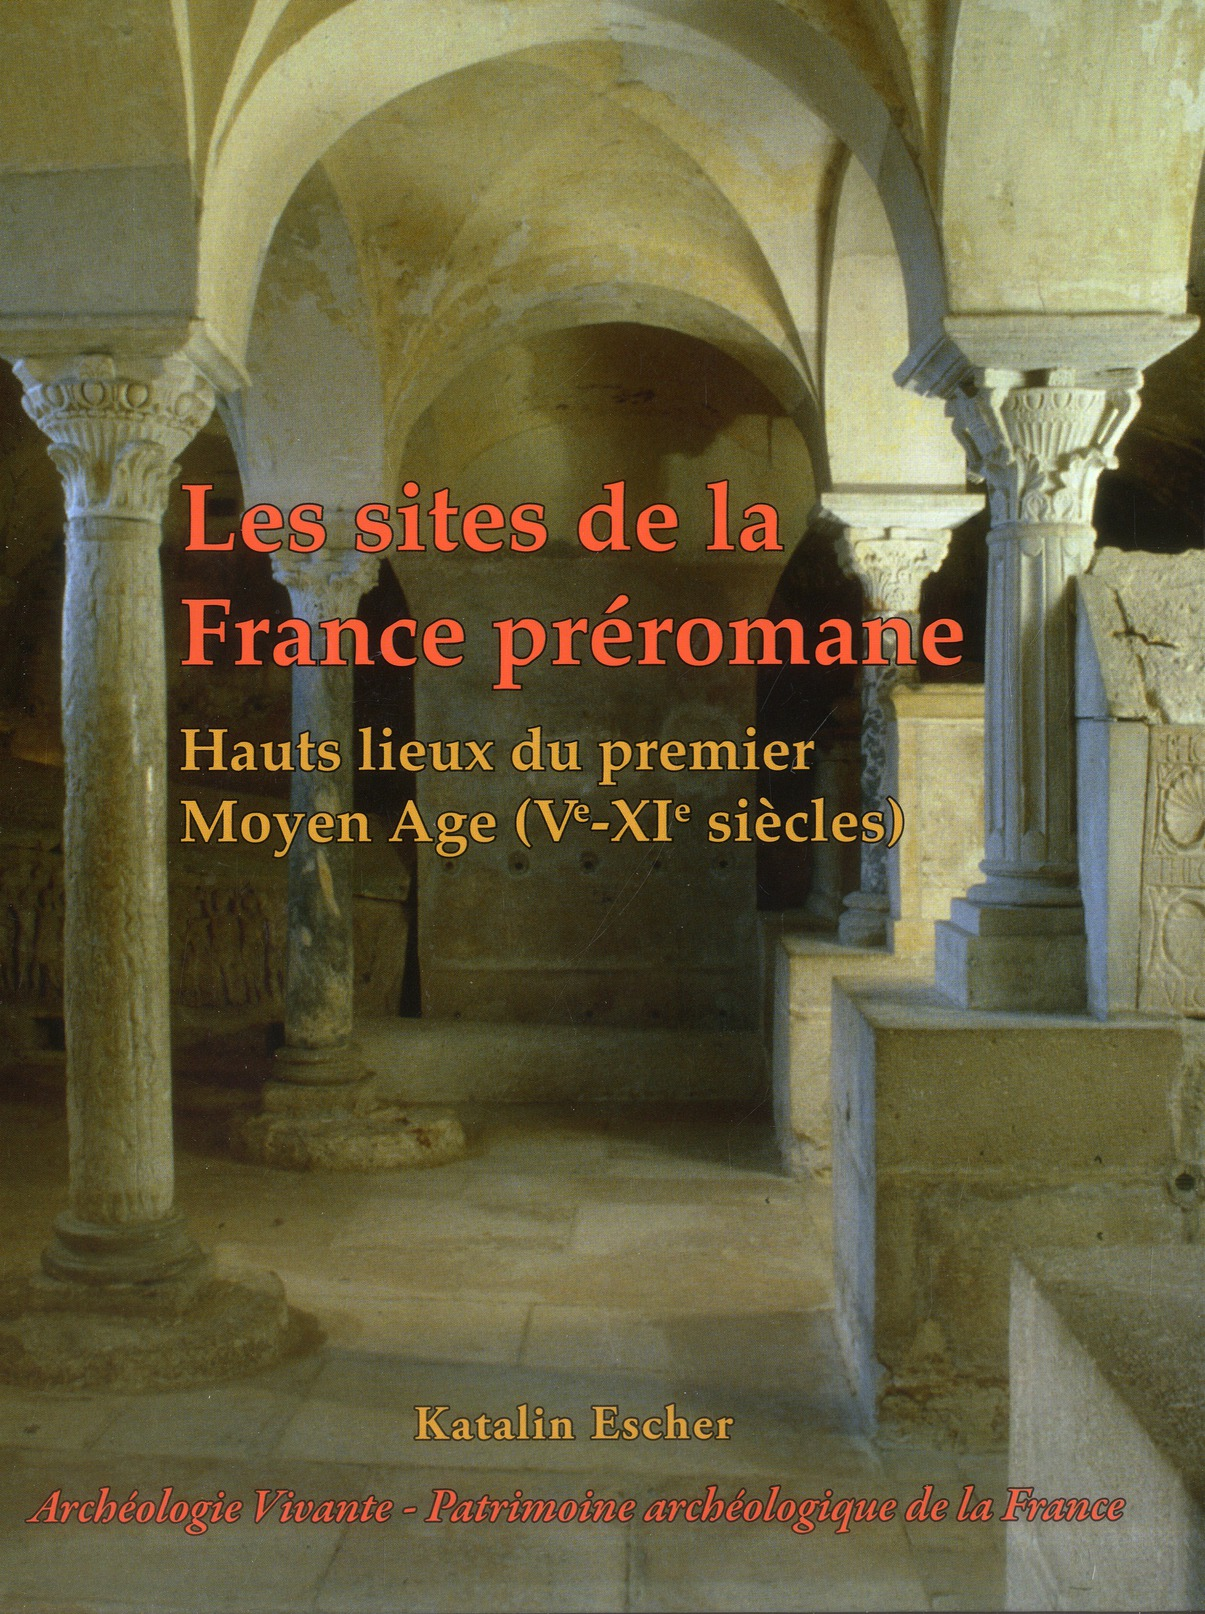 LES SITES DE LA FRANCE PREROMANE - HAUTS LIEUX DU PREMIER MOYEN AGE (VE-XIE S)